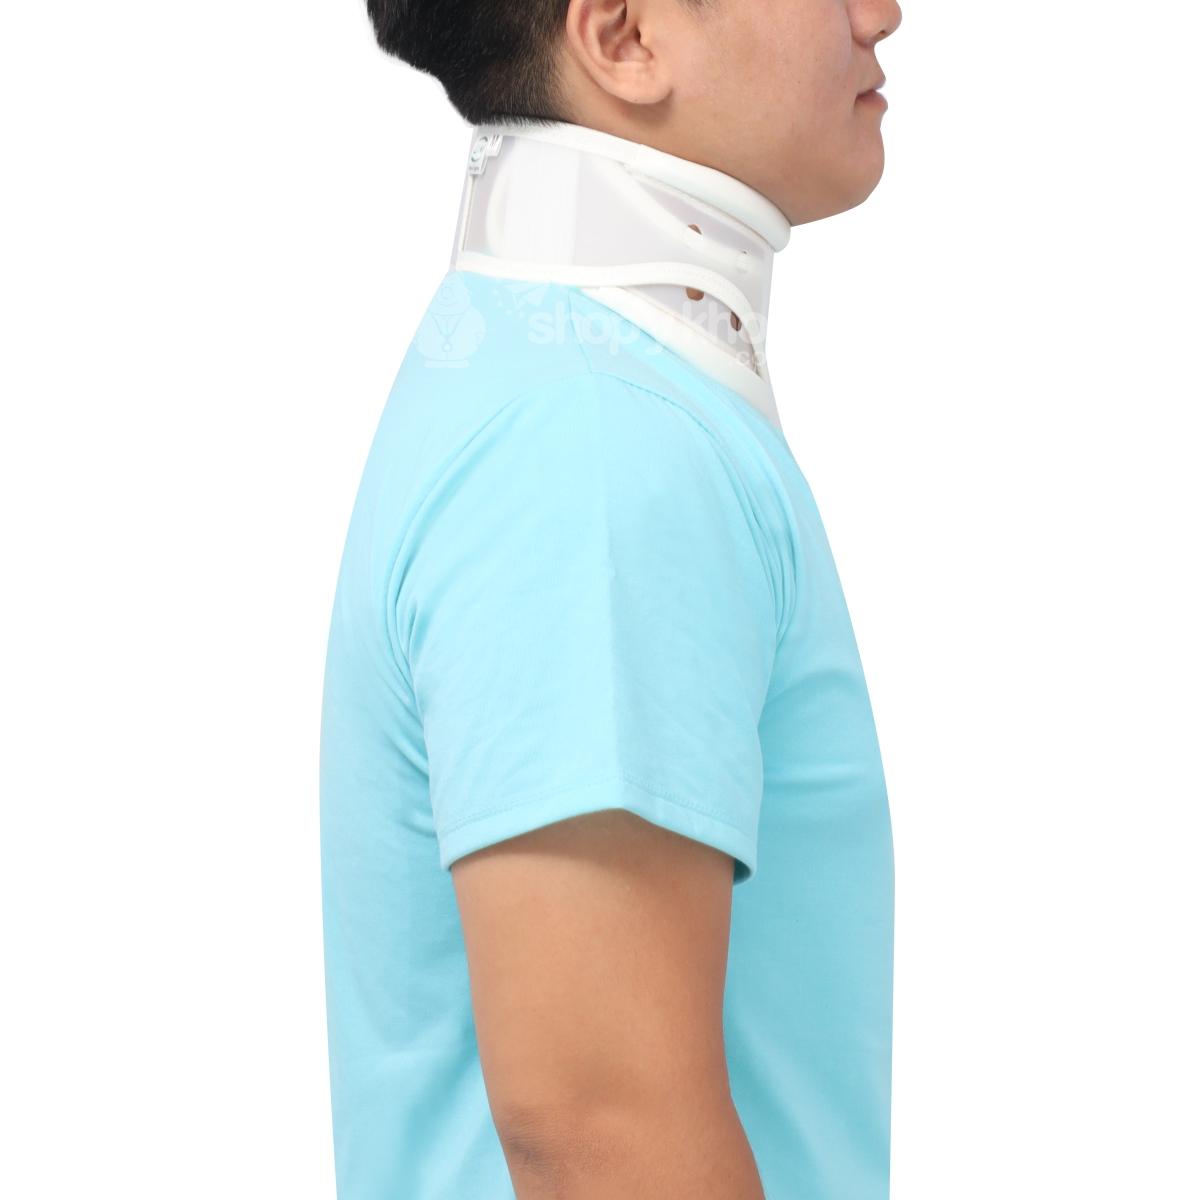 Đai nẹp cổ cứng United Medicare B03